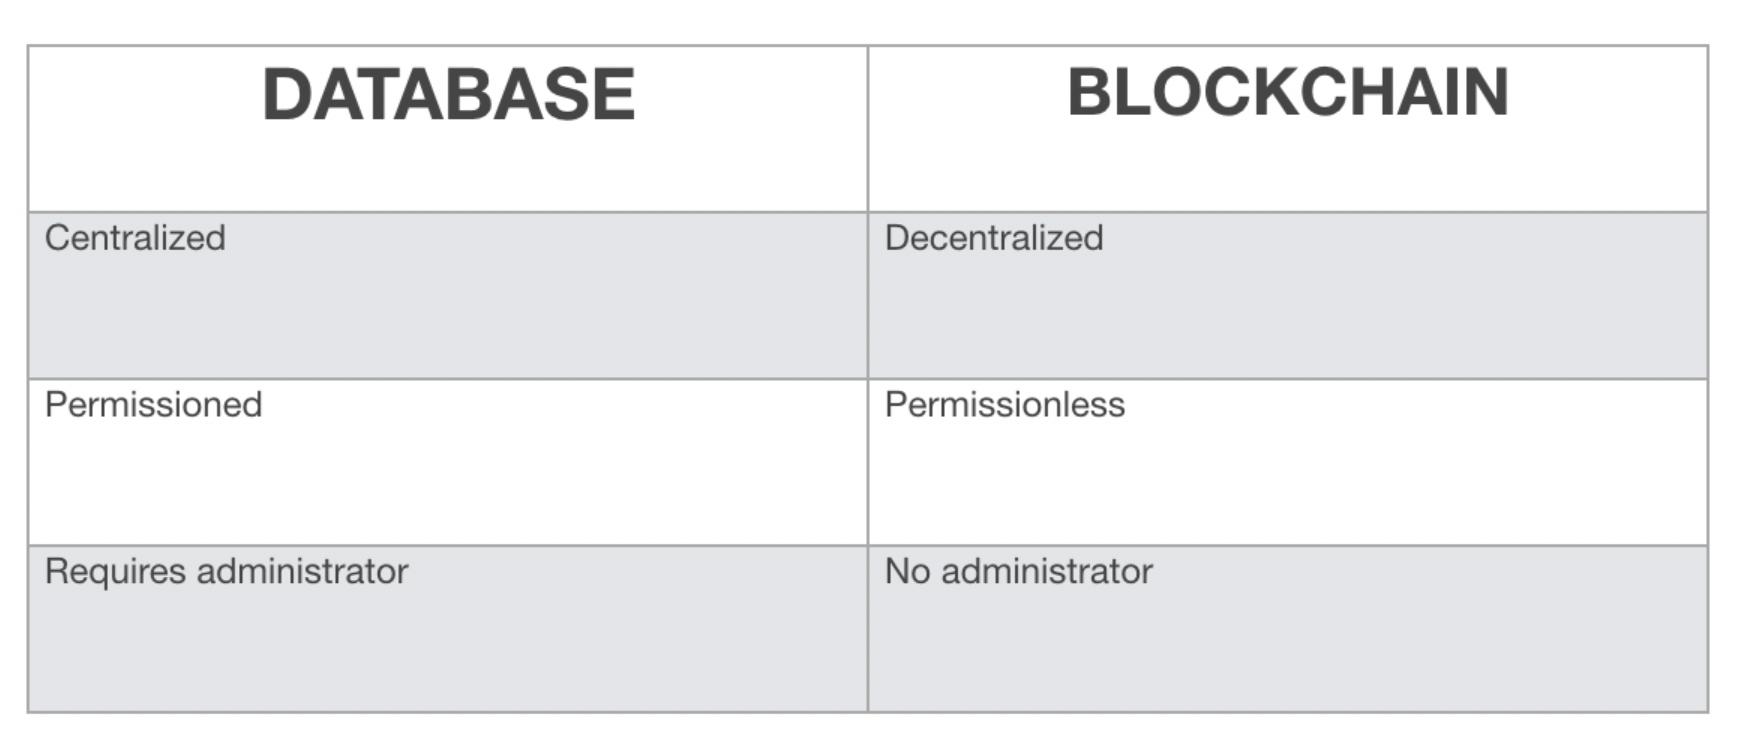 Database vs Blockchain